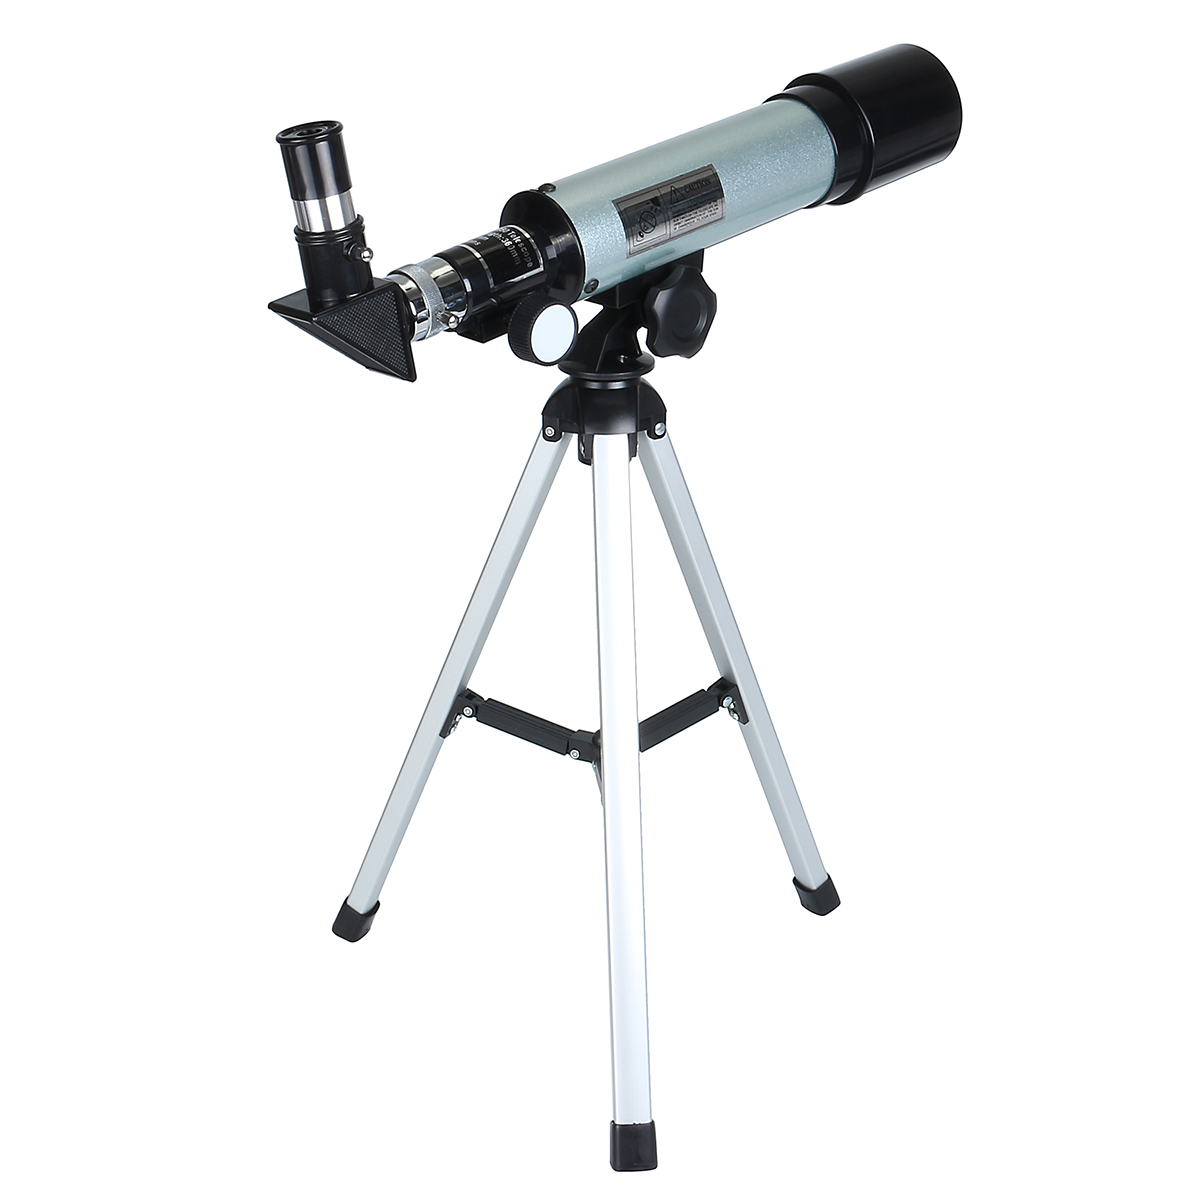 com tripe portatil espaco spotting escopo monocular telescopio 04